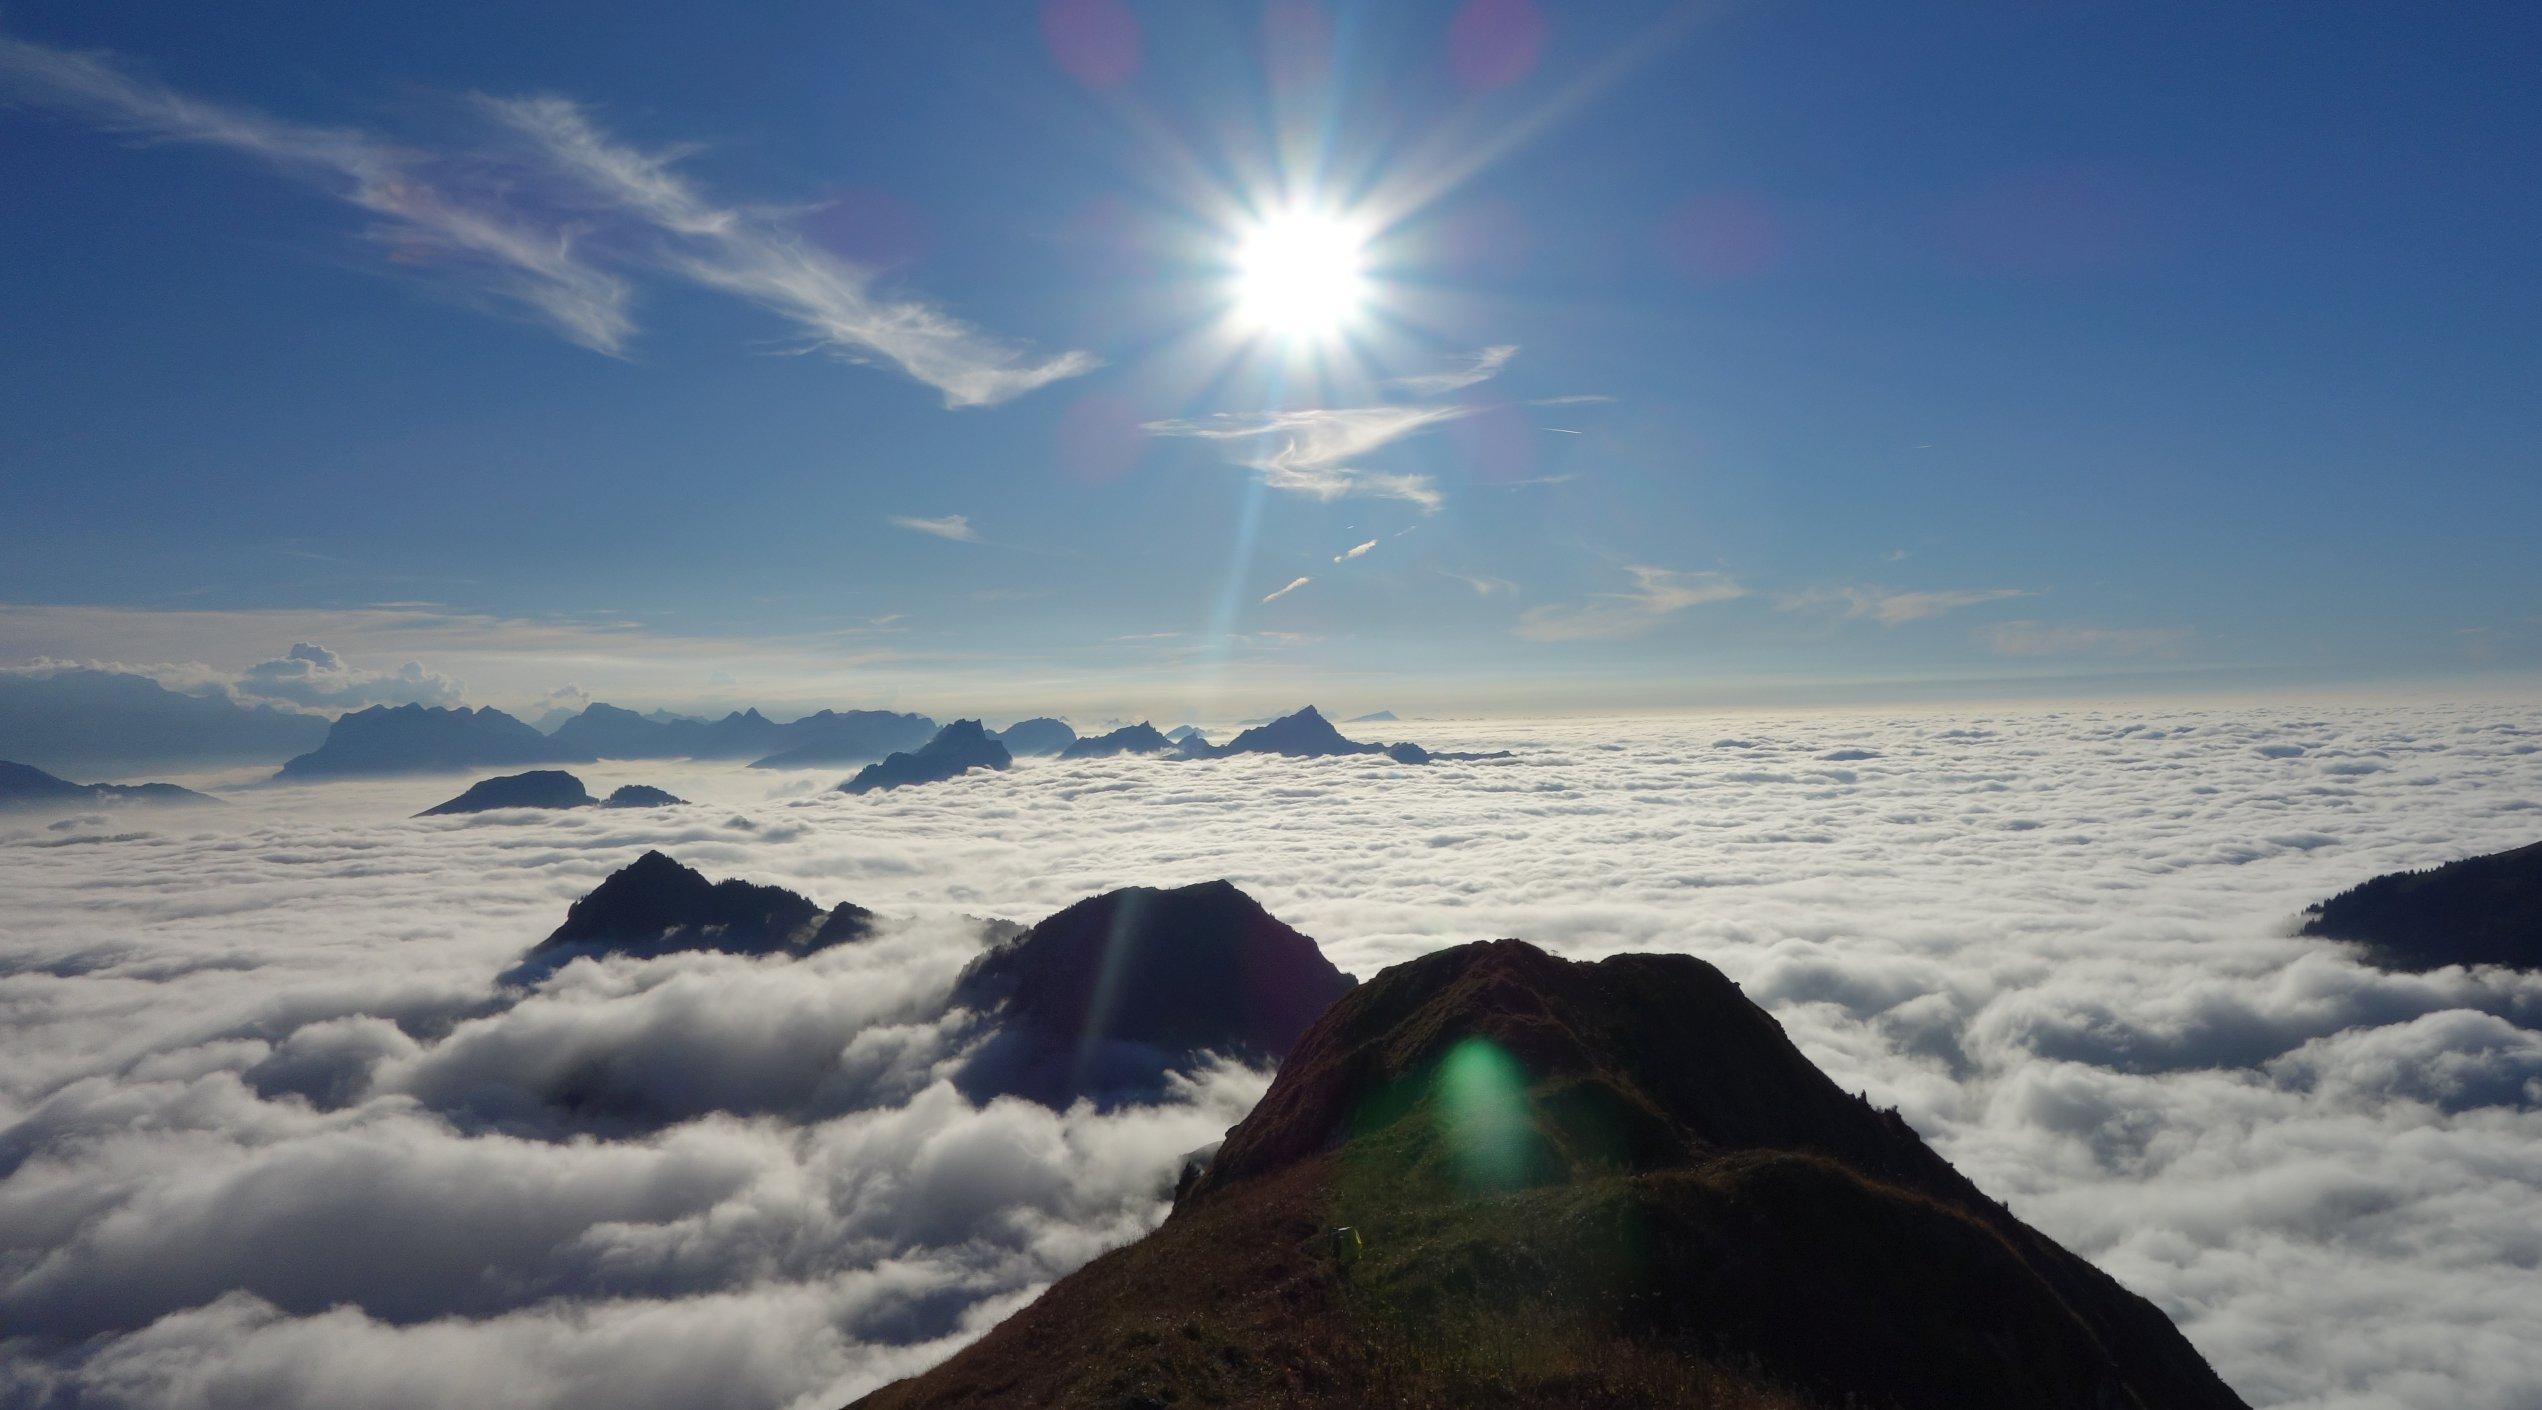 Sonne über dem Wolkenmeer, das auf dem Bodensee liegt